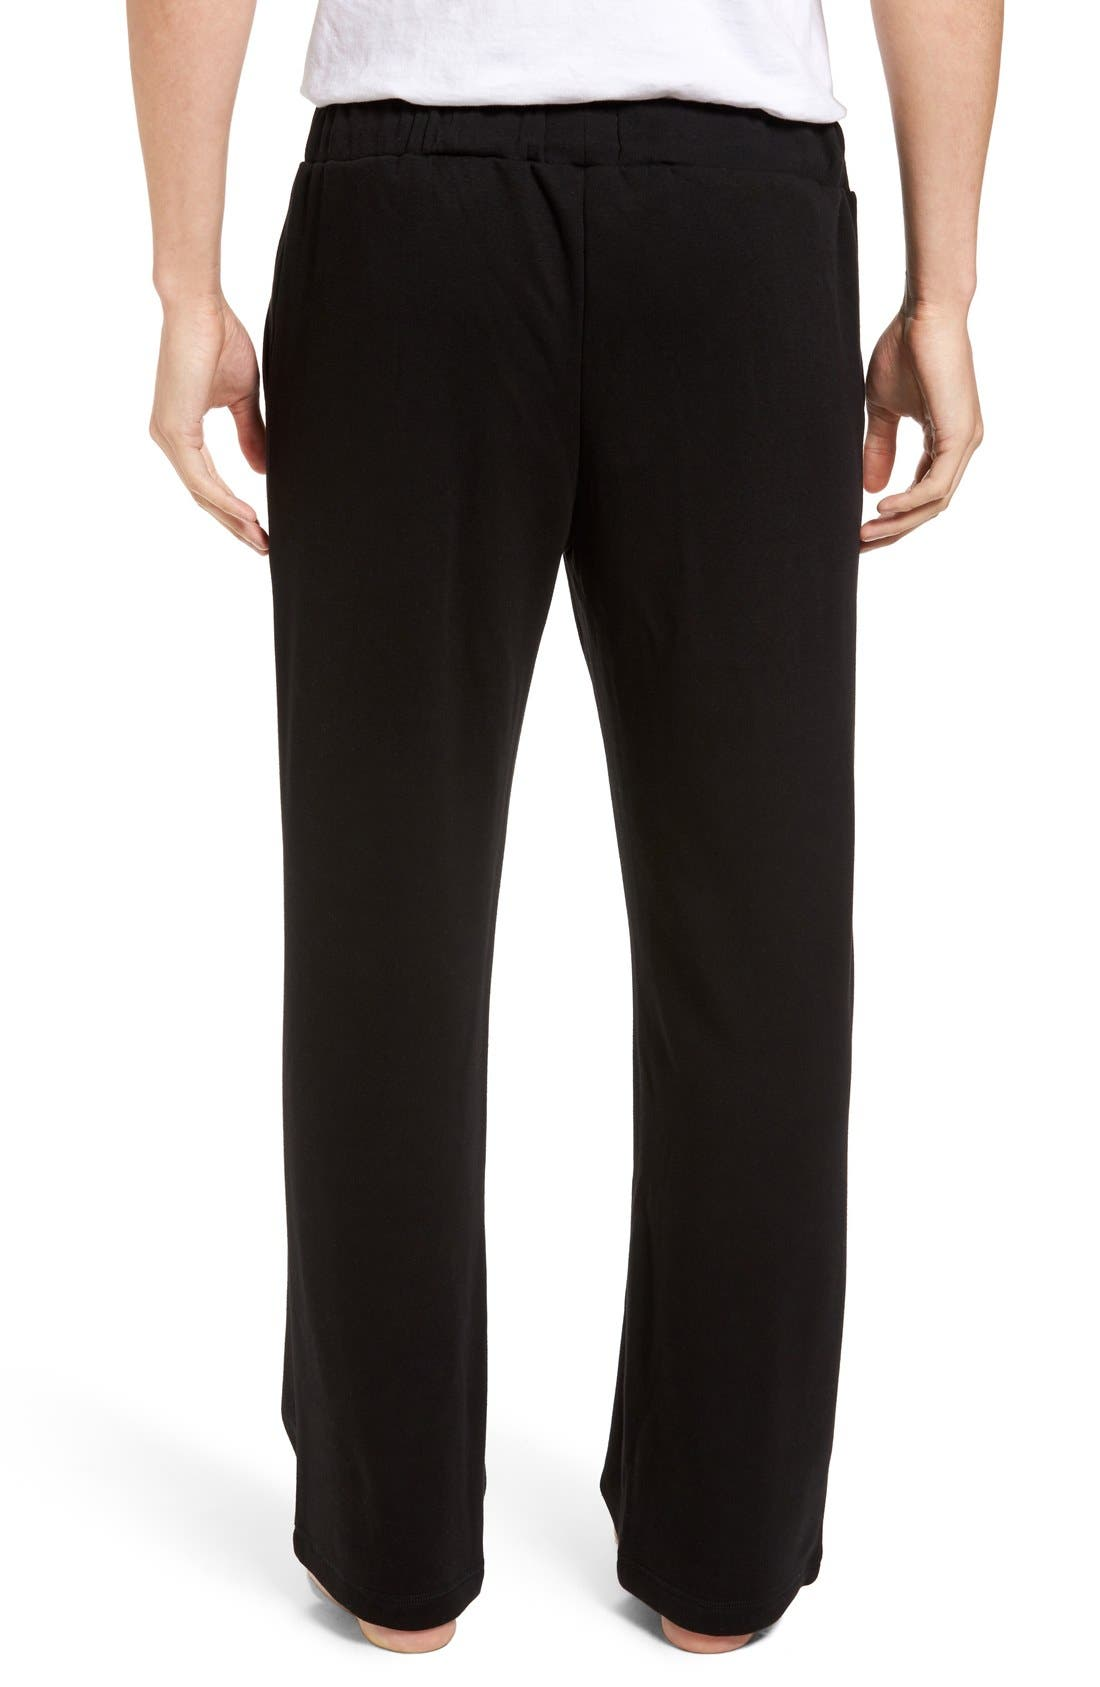 Fleece Lounge Pants,                             Main thumbnail 1, color,                             001